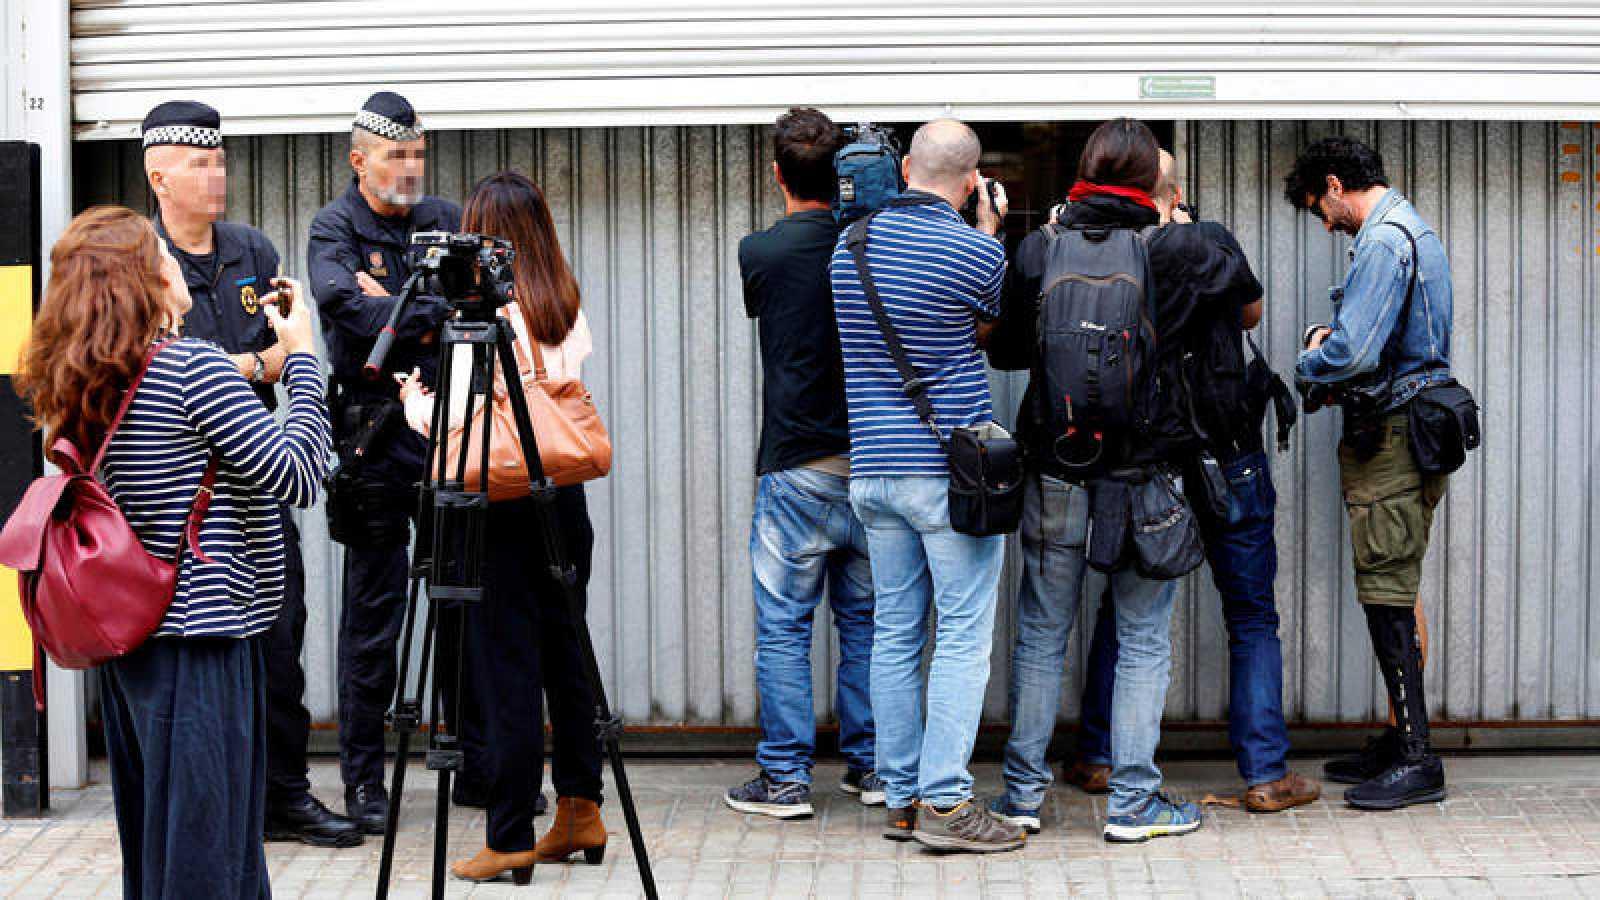 Fotógrafos y cámaras fotografían y graban el interior del almacén municipal en Barcelona donde se guardan las urnas del Estado para procesos electorales.